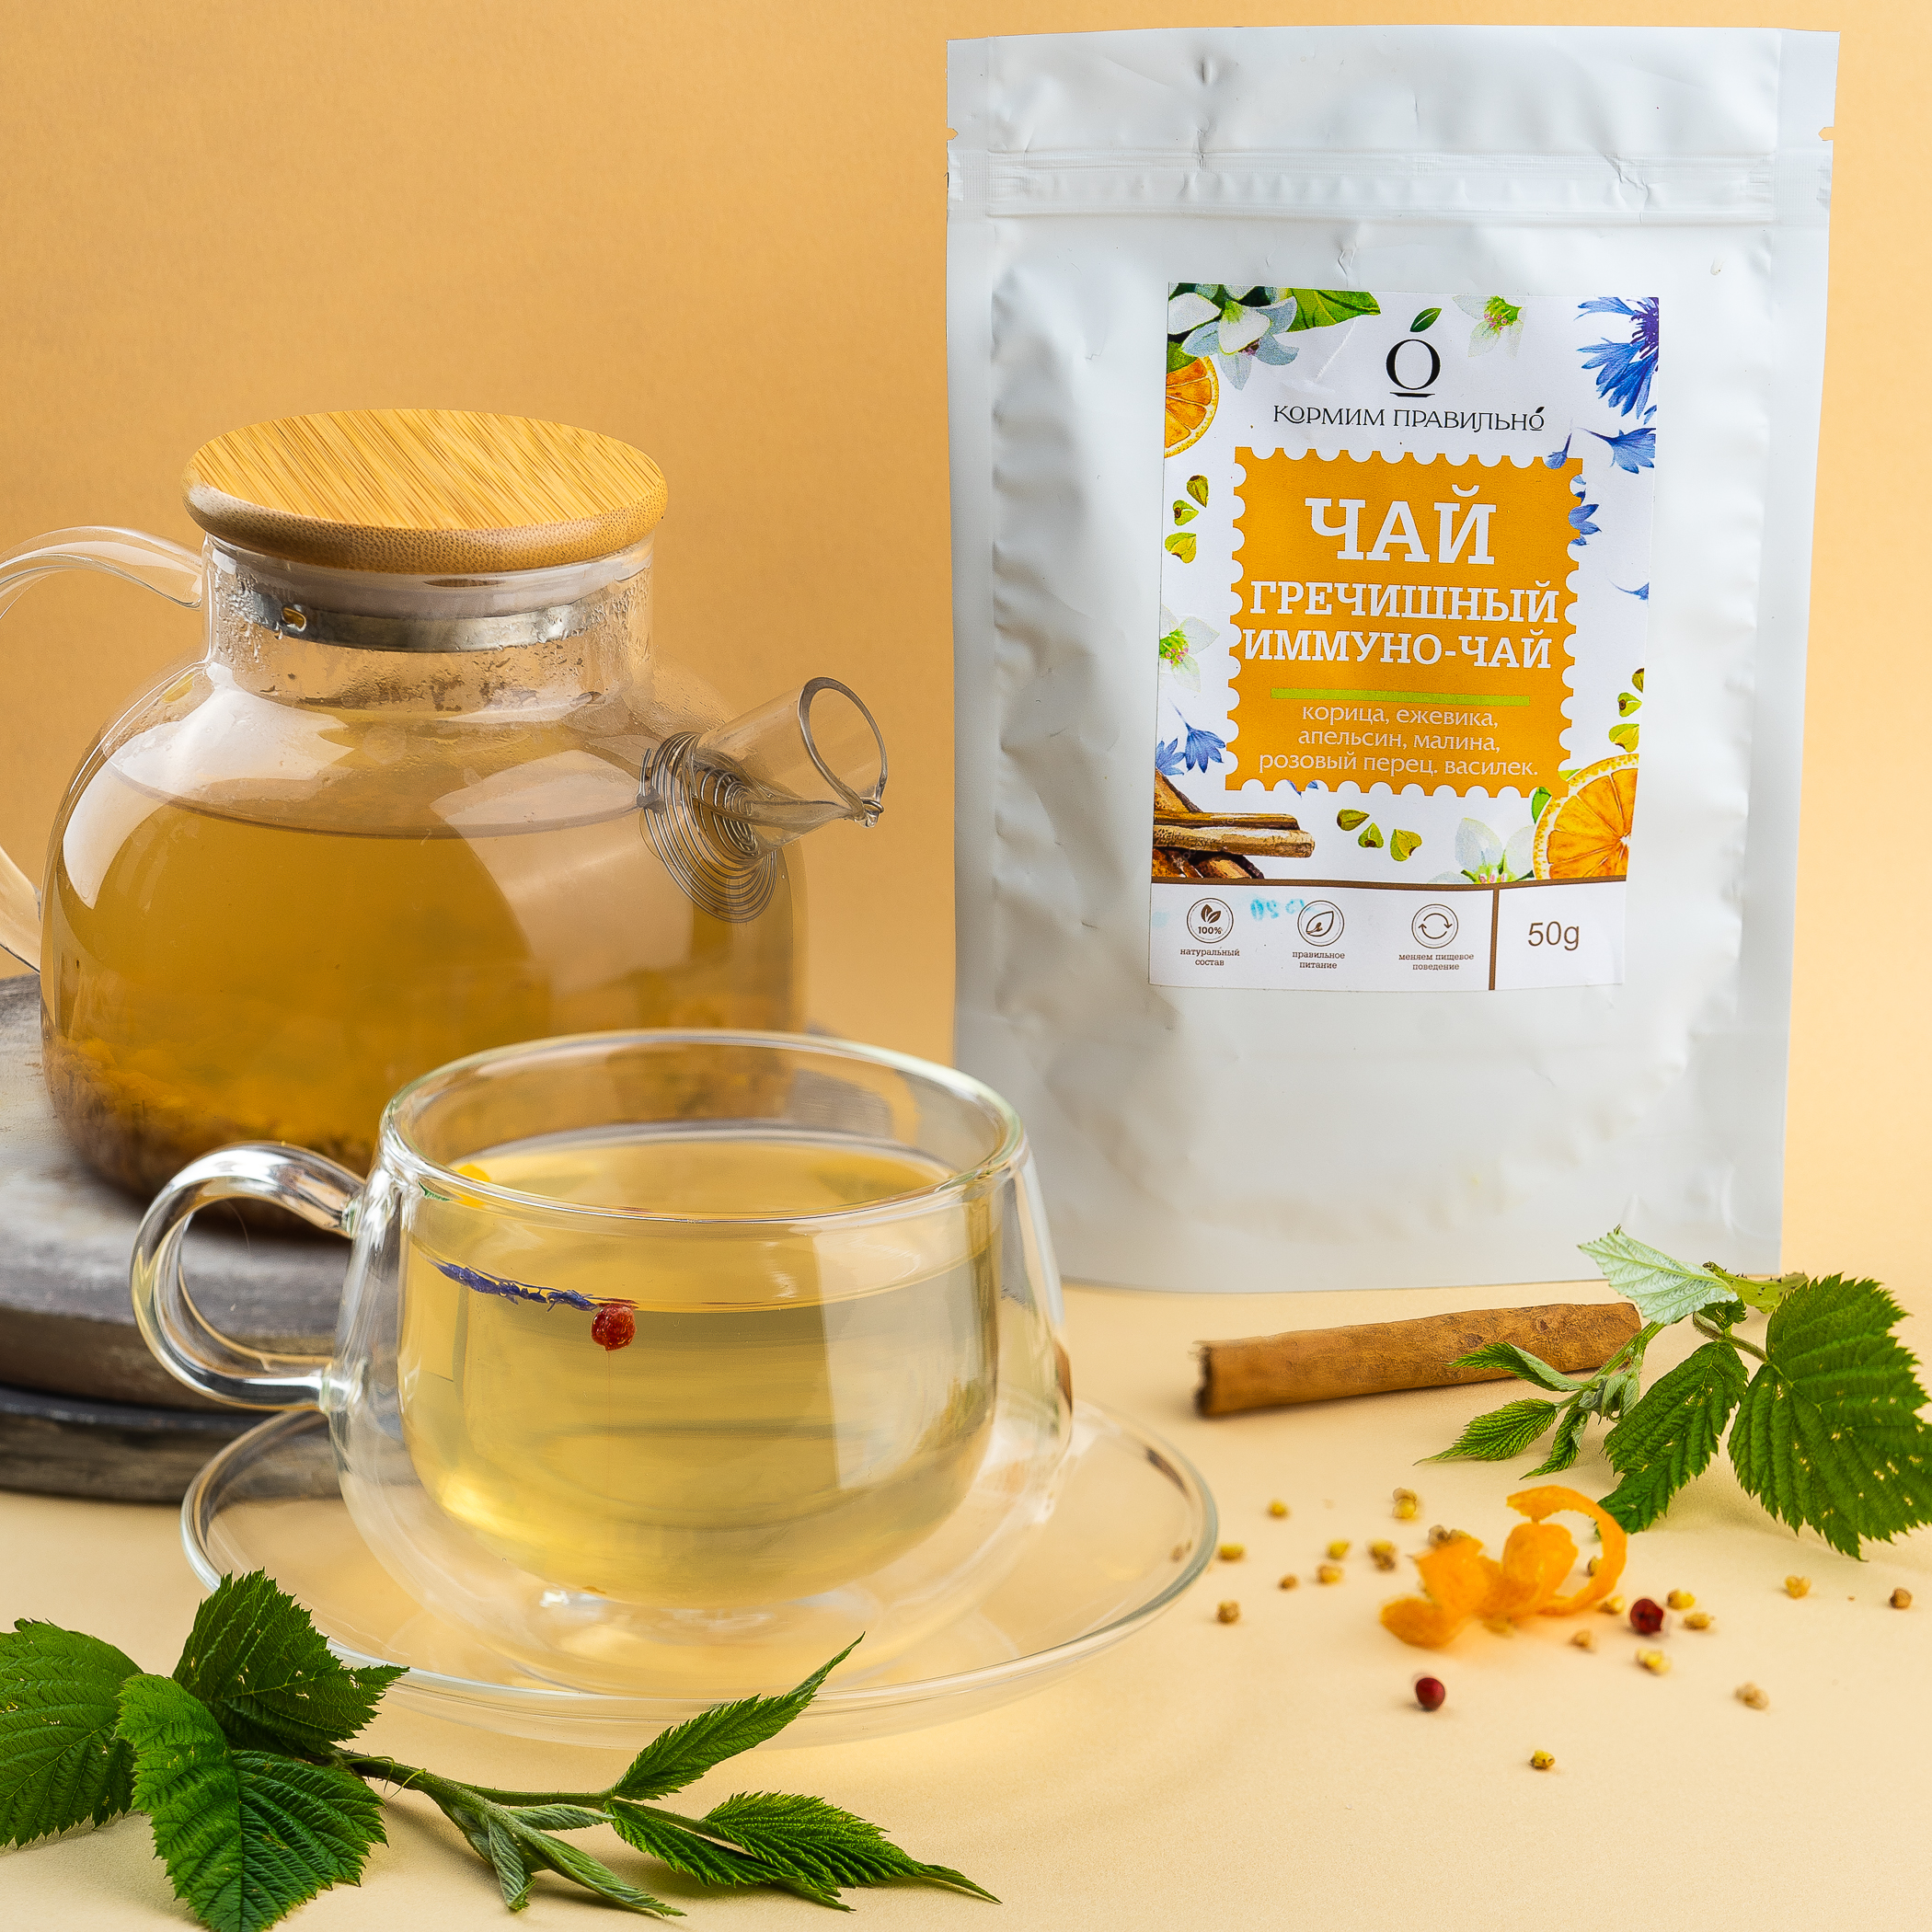 Гречишный чай: свойства гречки и гречневого напитка, как приготовить отвар из горькой гречихи, отзывы